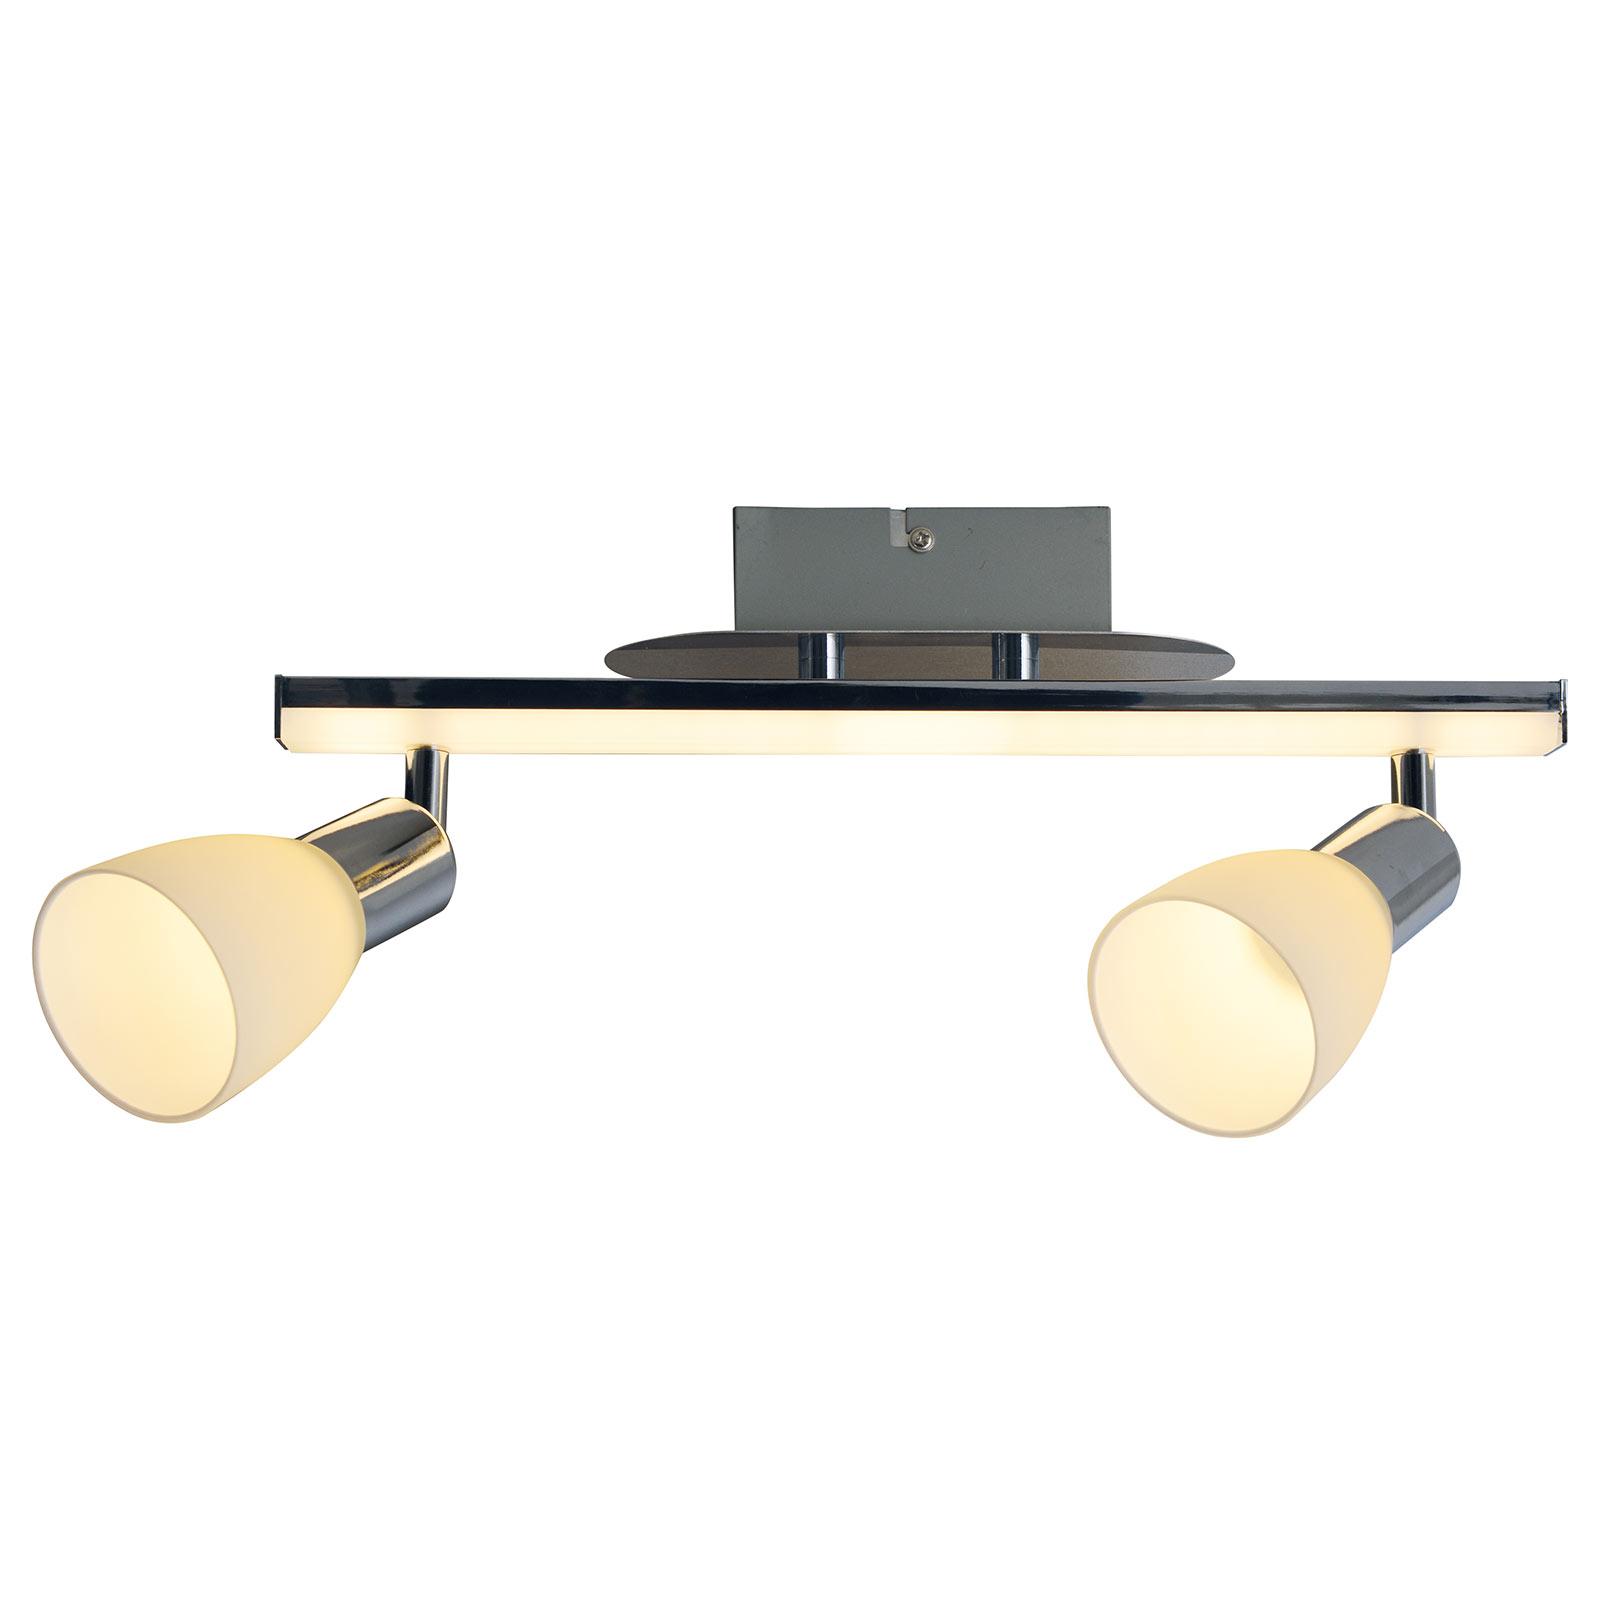 LED-kattovalaisin Ibiza 2-lamppuinen, pituus 39 cm